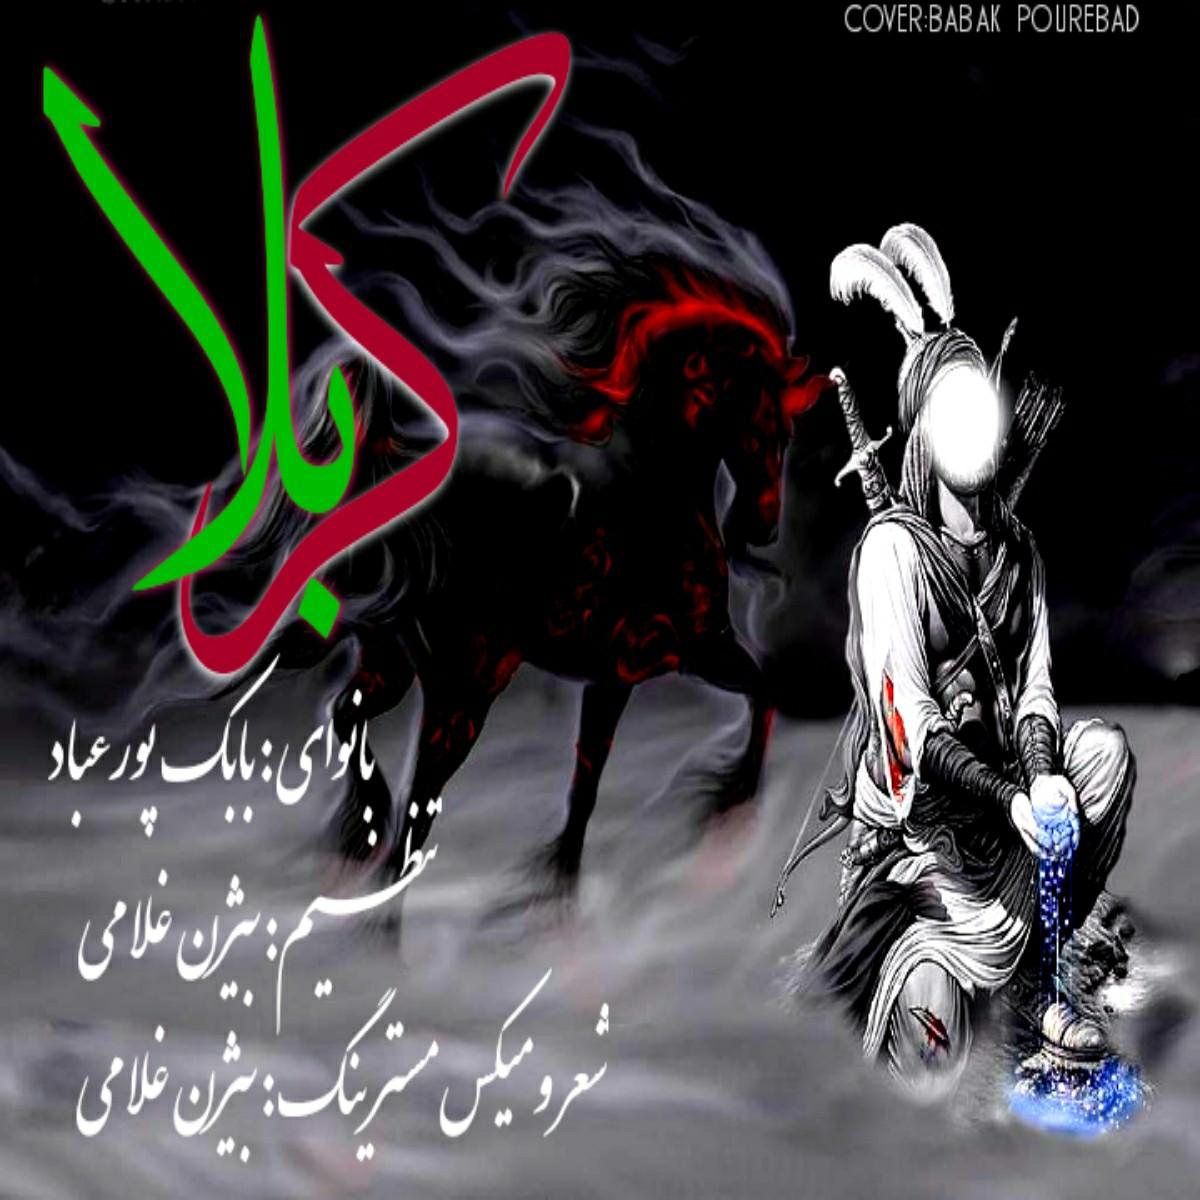 https://s20.picofile.com/file/8441431926/05Babak_Pourebad_Karbala.jpg